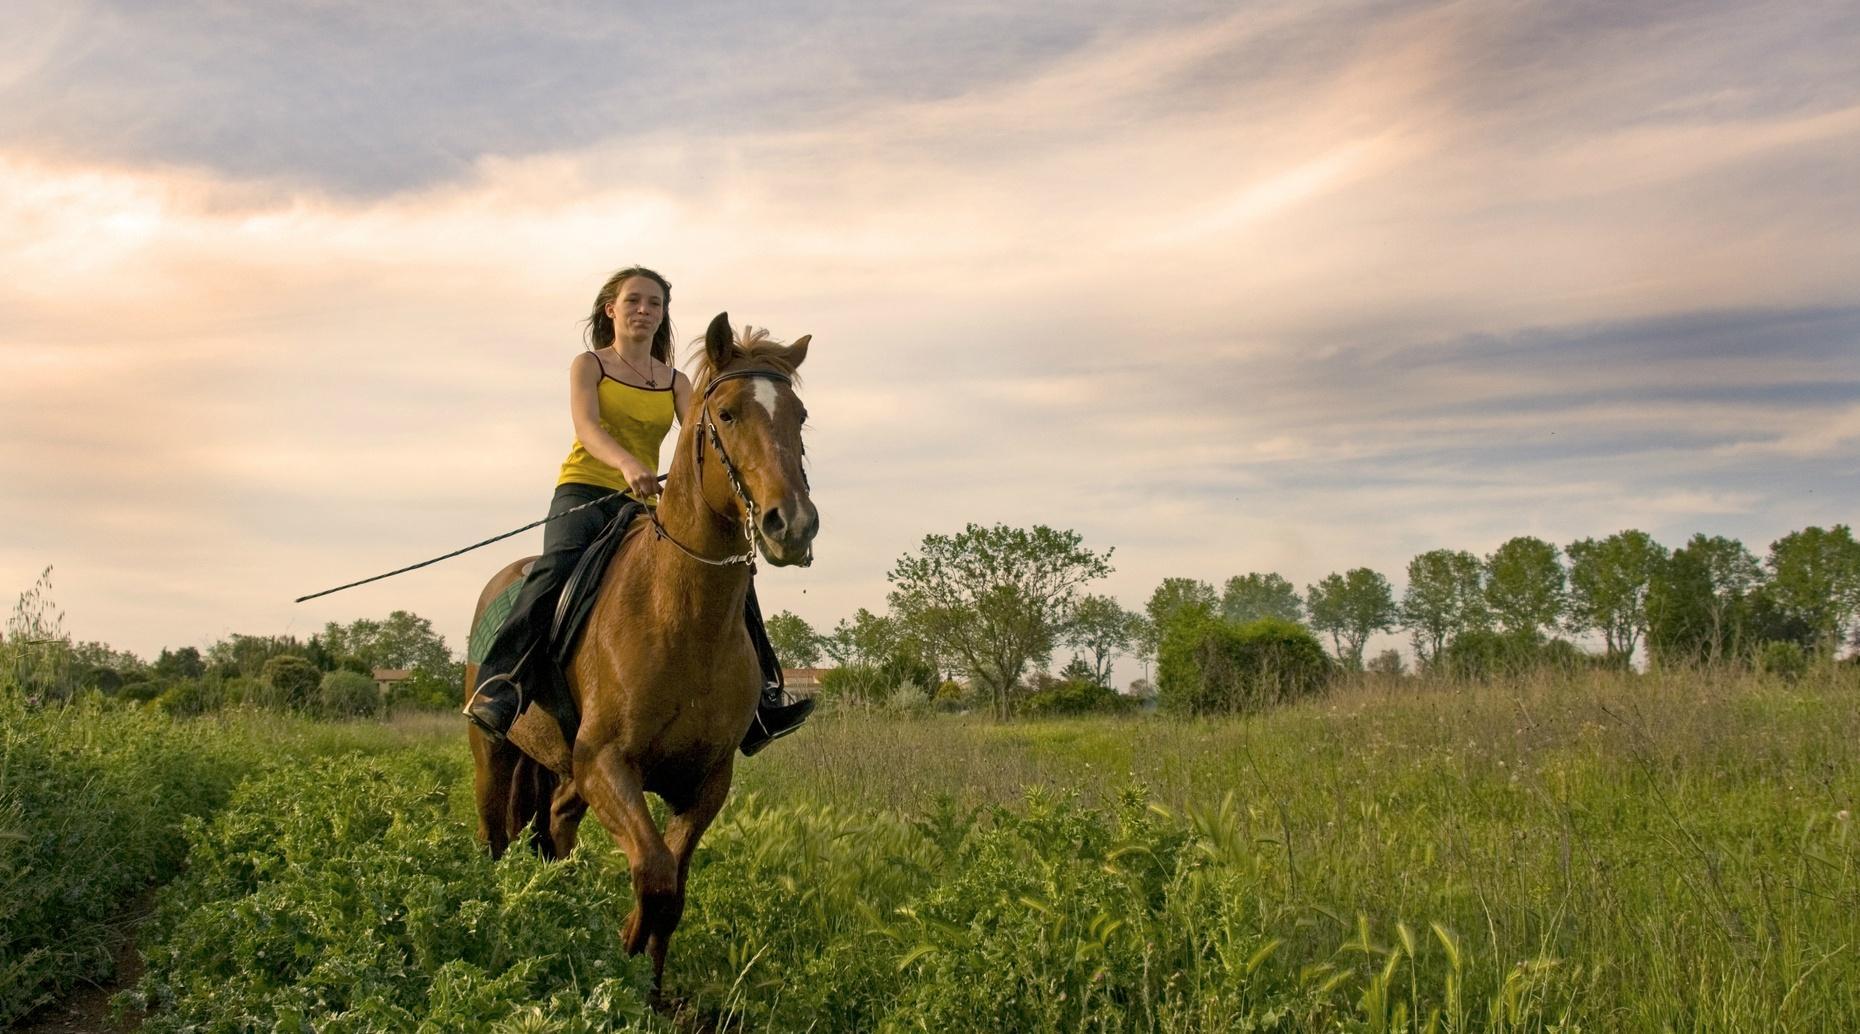 Zuma Canyon Horseback Ride in Agoura Hills